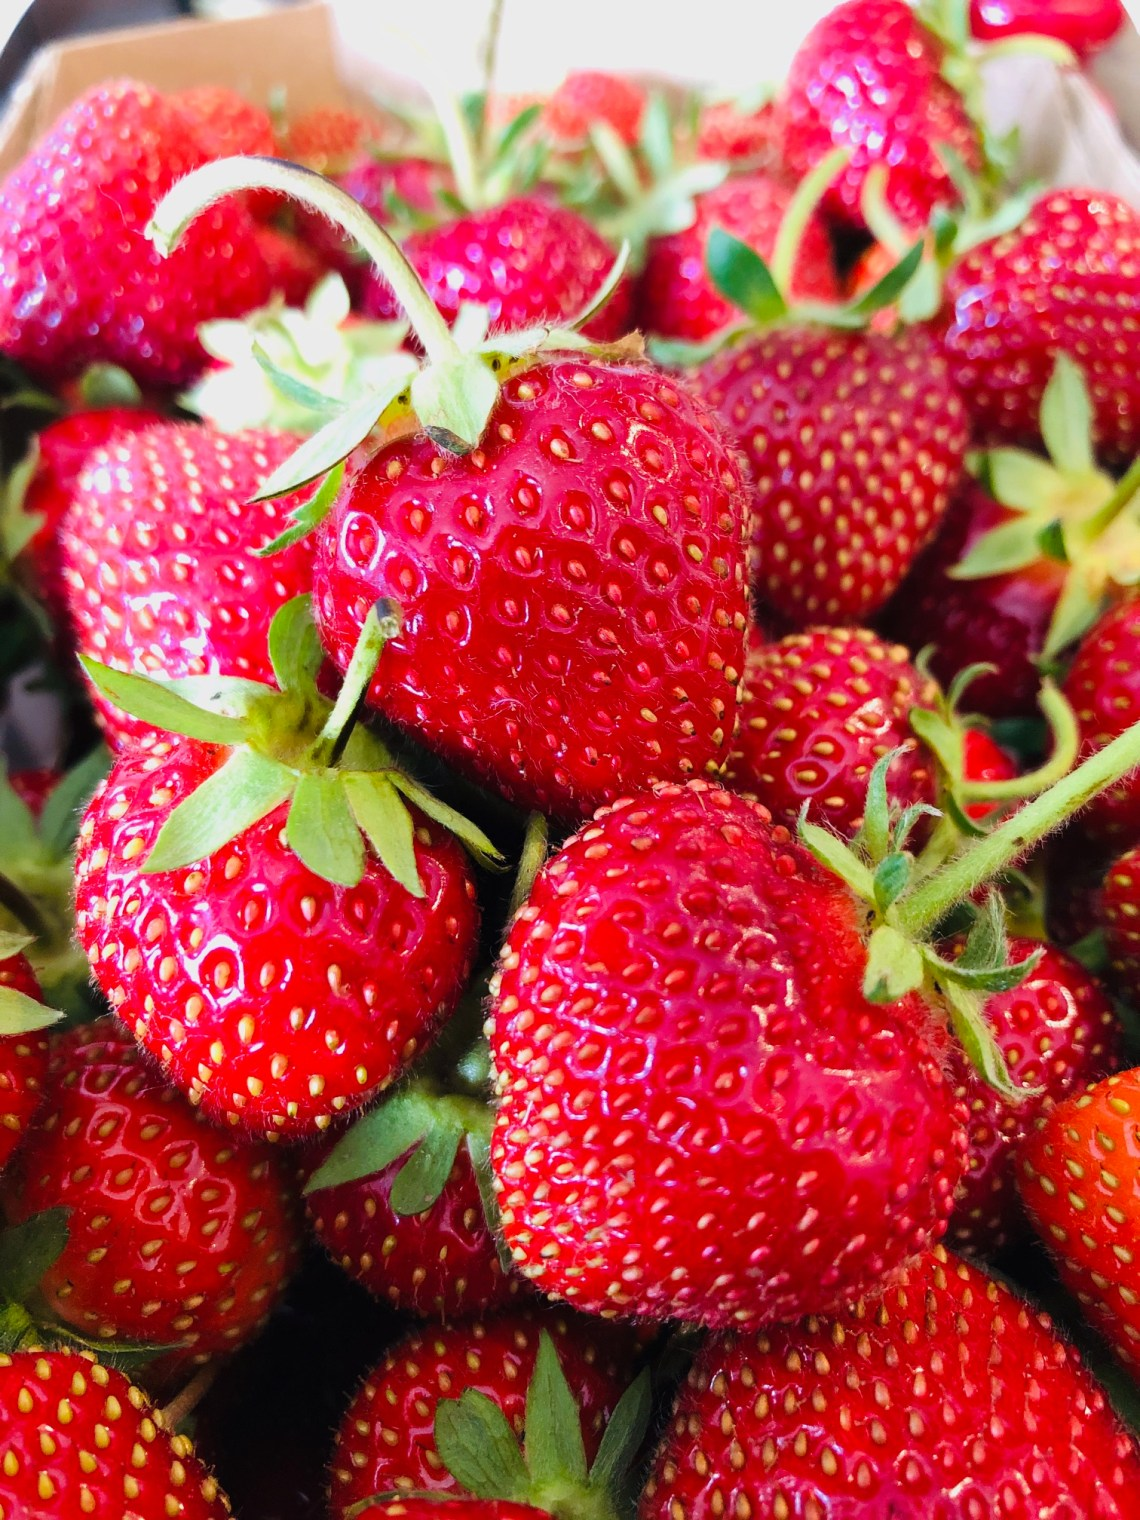 #fraises #fraise #commentconserverlesfraisespluslongtemps #recettesfamille #recettesansnoix #recettesansarachide